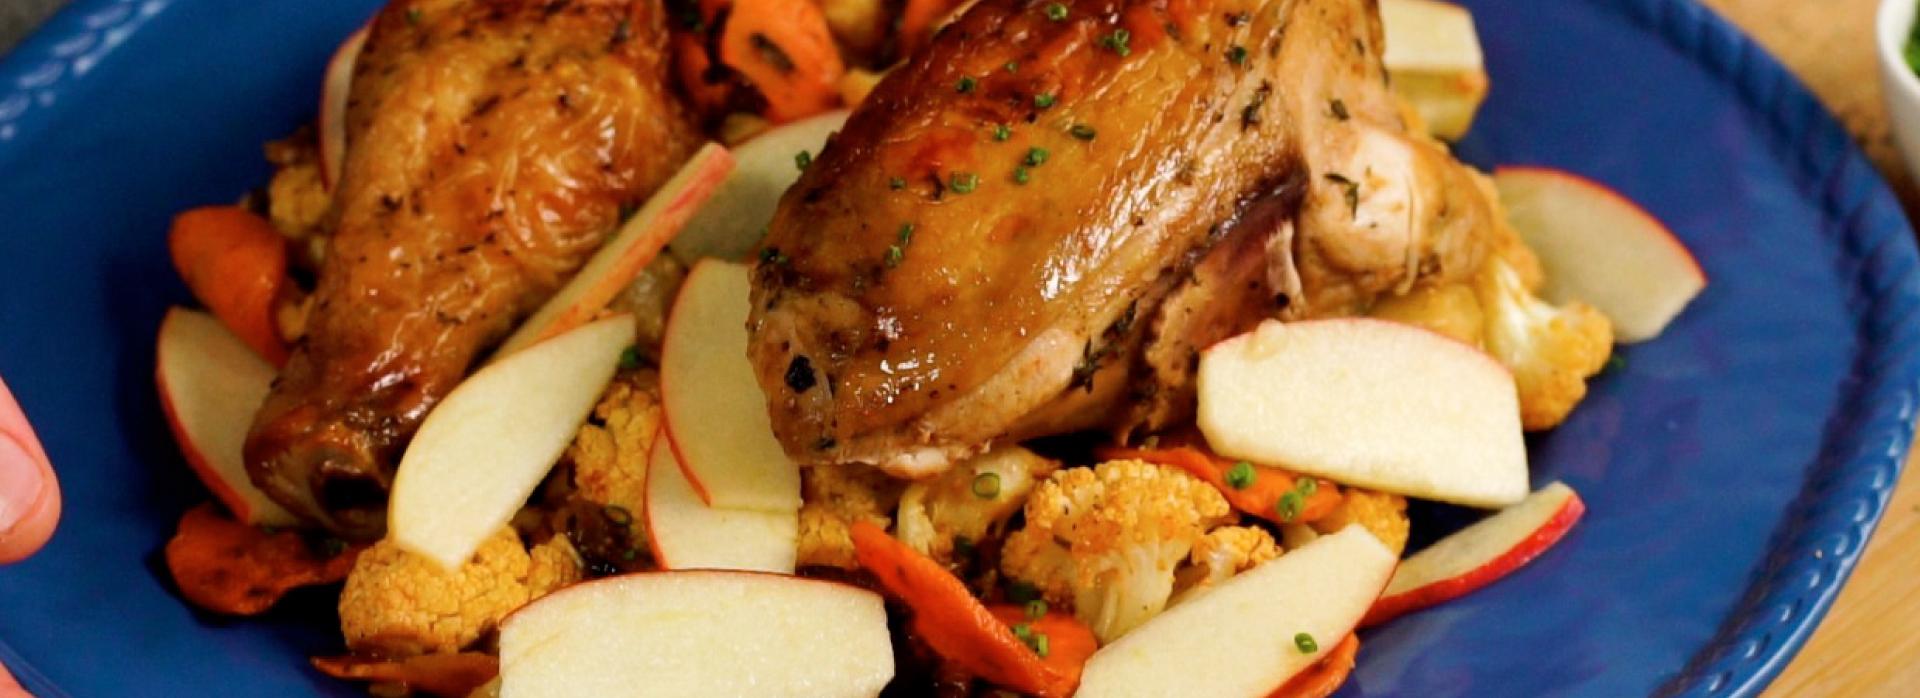 Receta Pollo asado acompañado de coliflor zanahoria y manzana